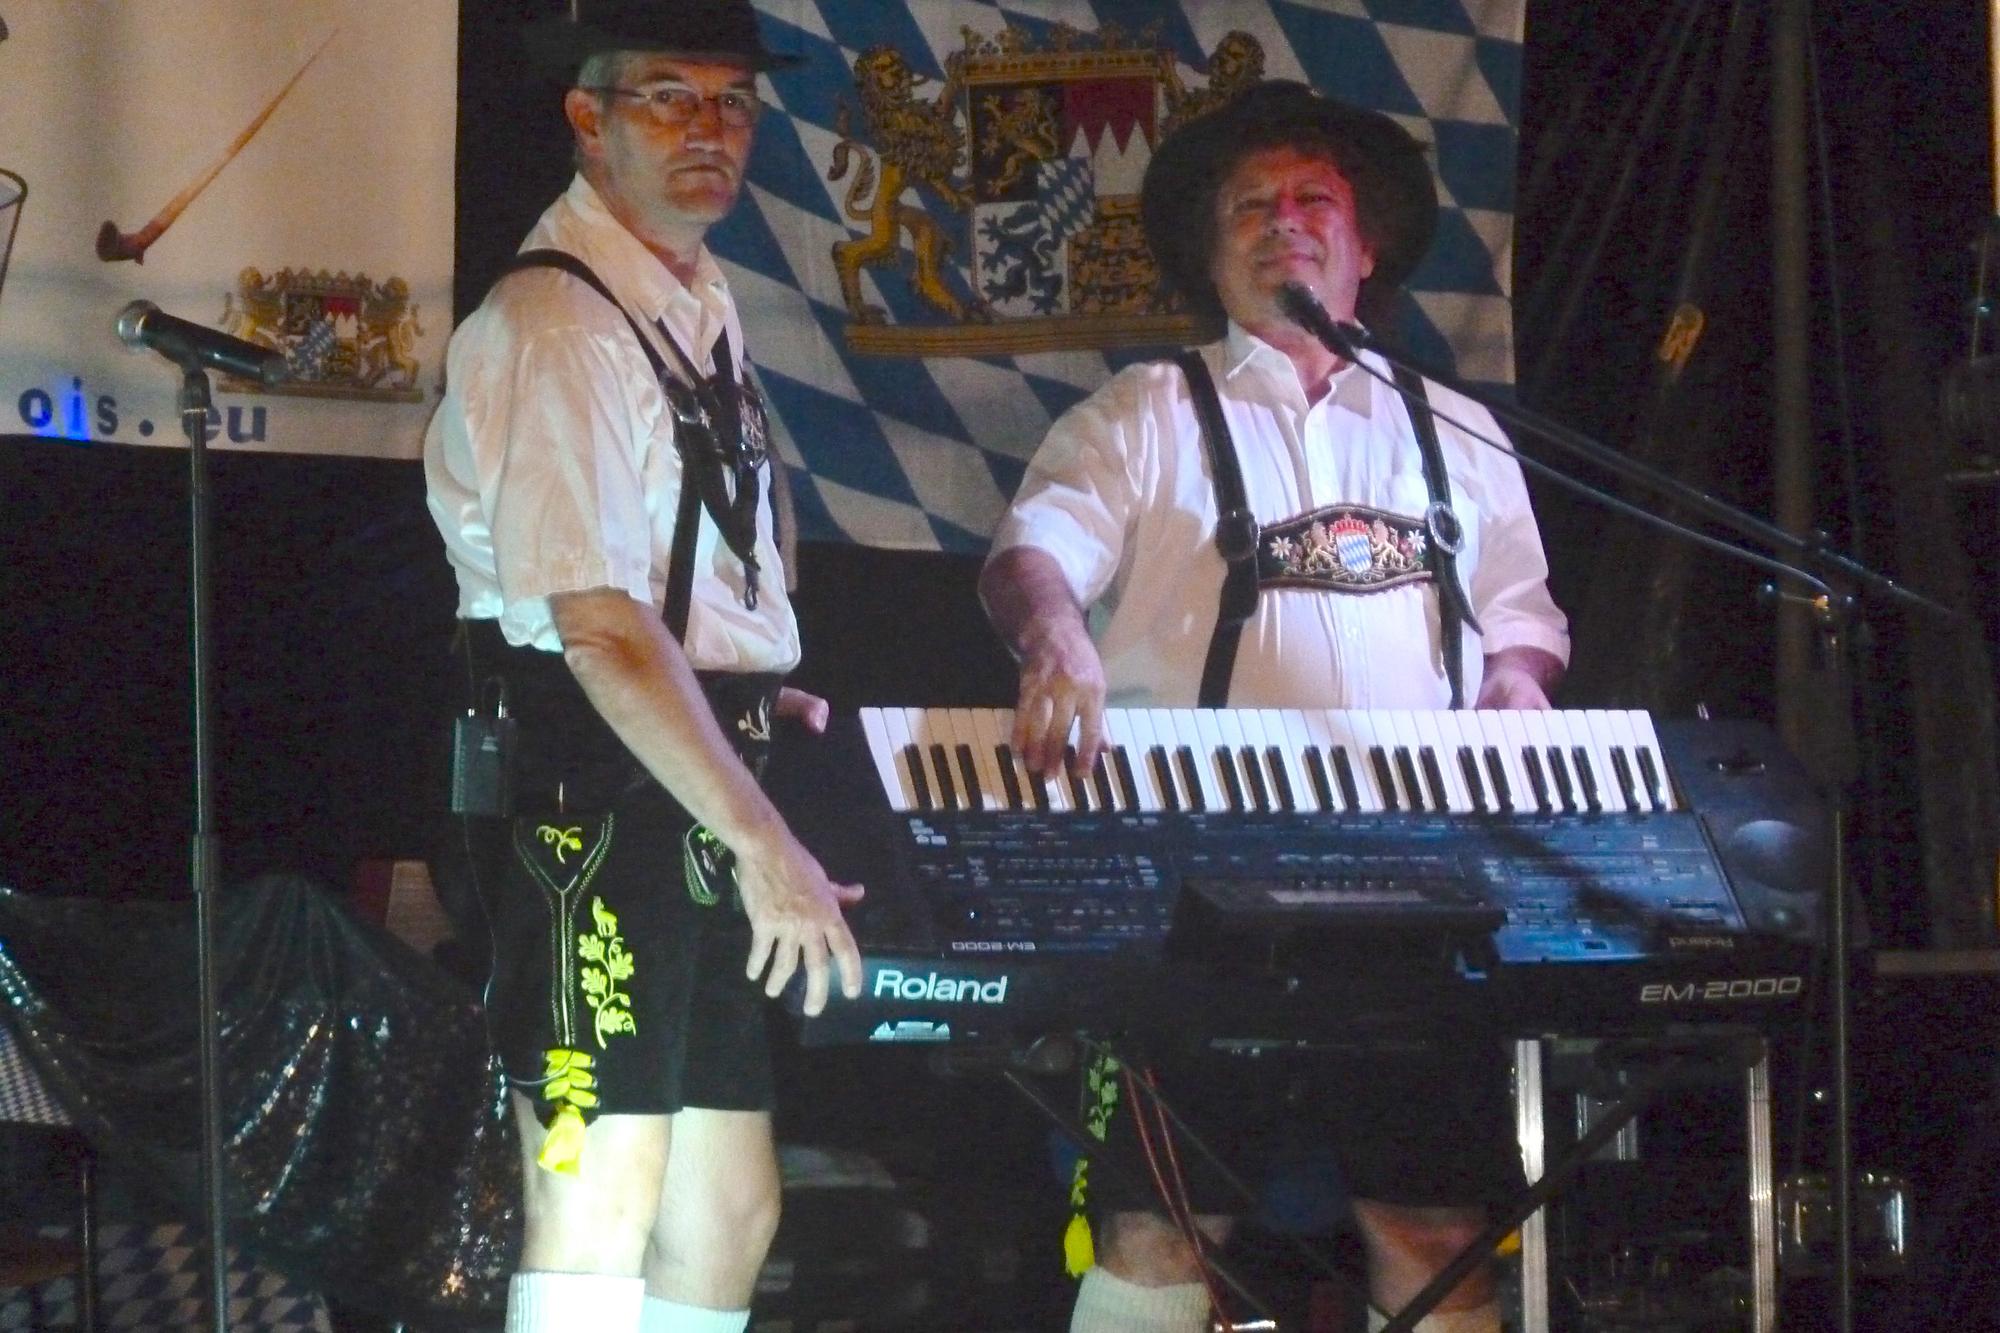 4b- musiciens de l'orchestre bavarois à la fête de la bière de Saint Privat, le 18 08 2012